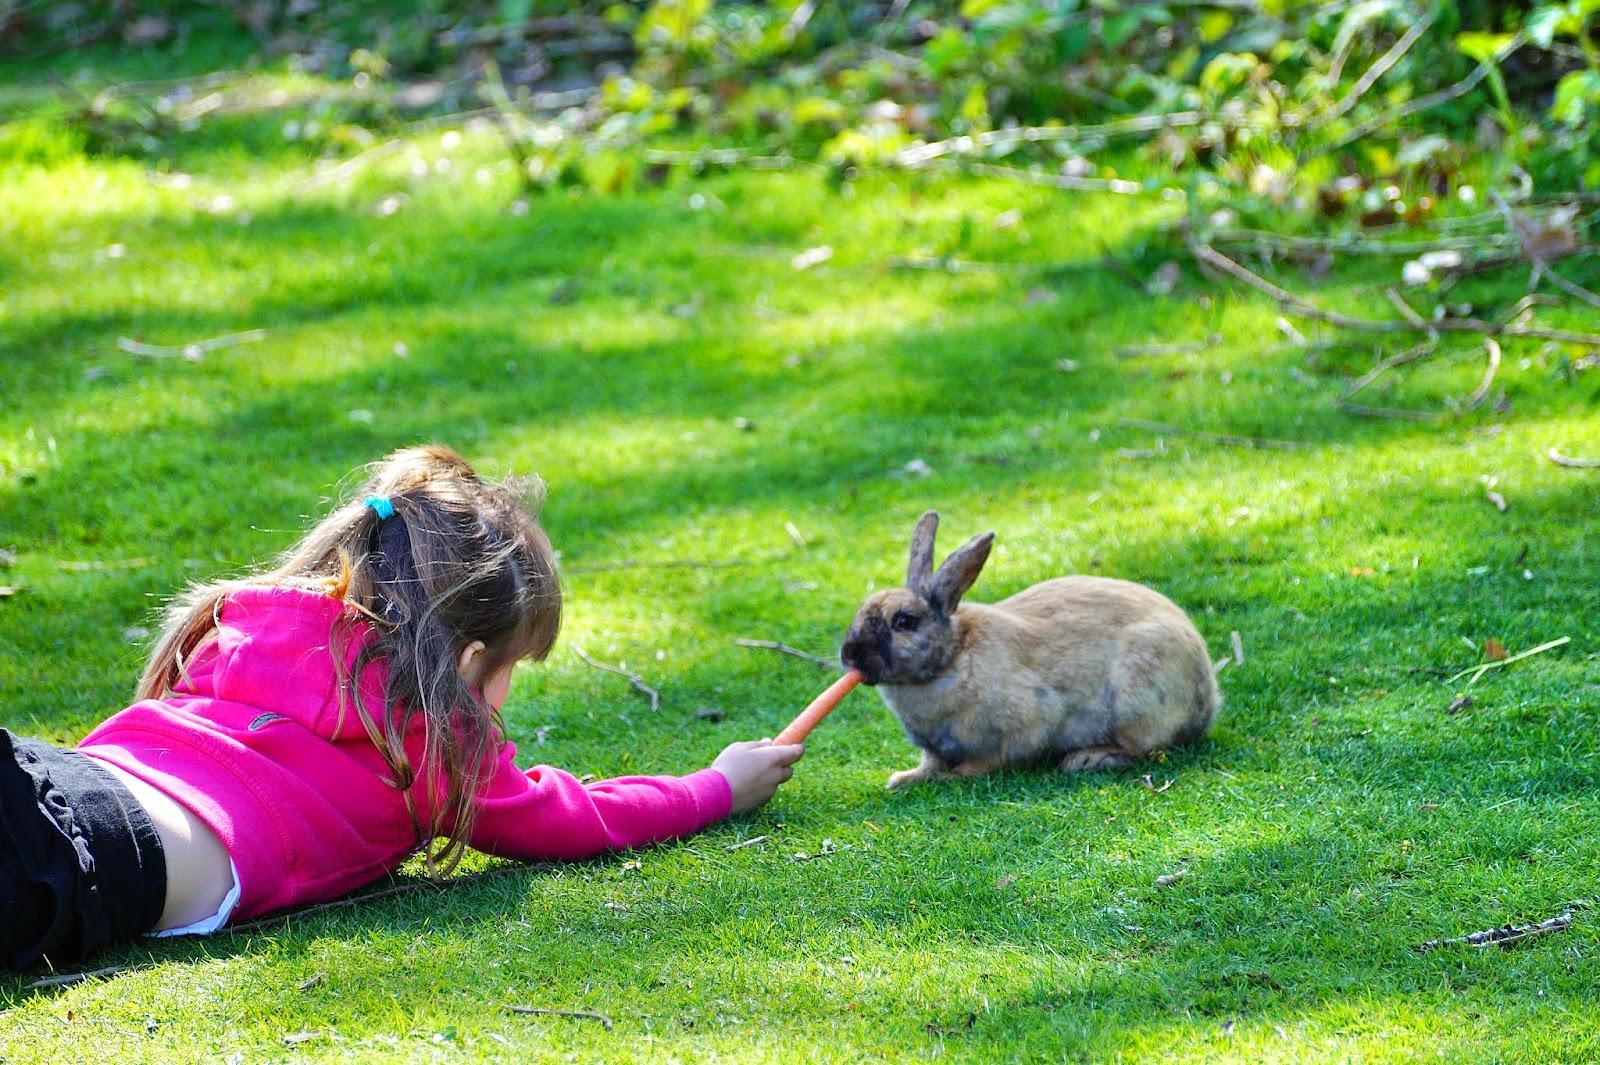 Дети в восторге от того, что могут покормить кроликов, свободно гуляющих на воле.